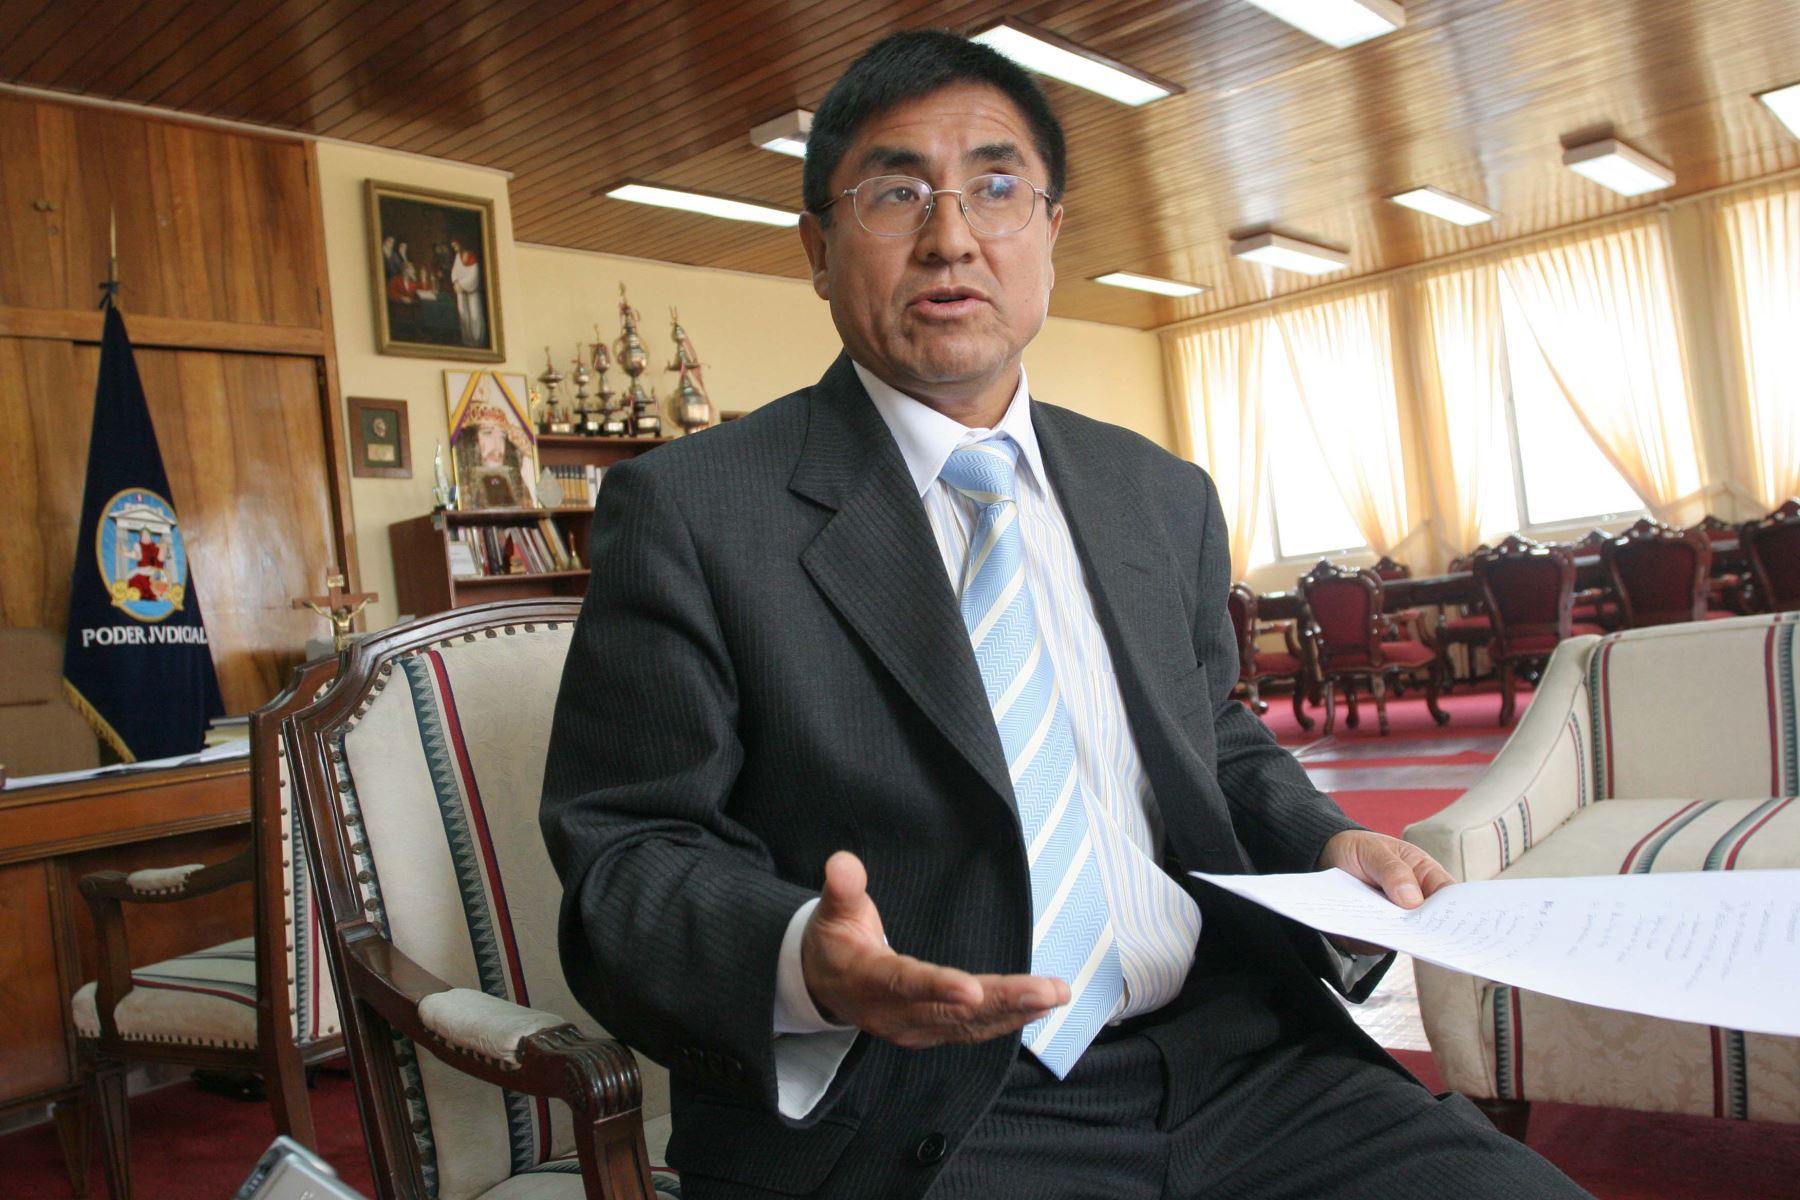 Juez Hinostroza se pronuncia tras pedido del PJ para que renuncie al cargo